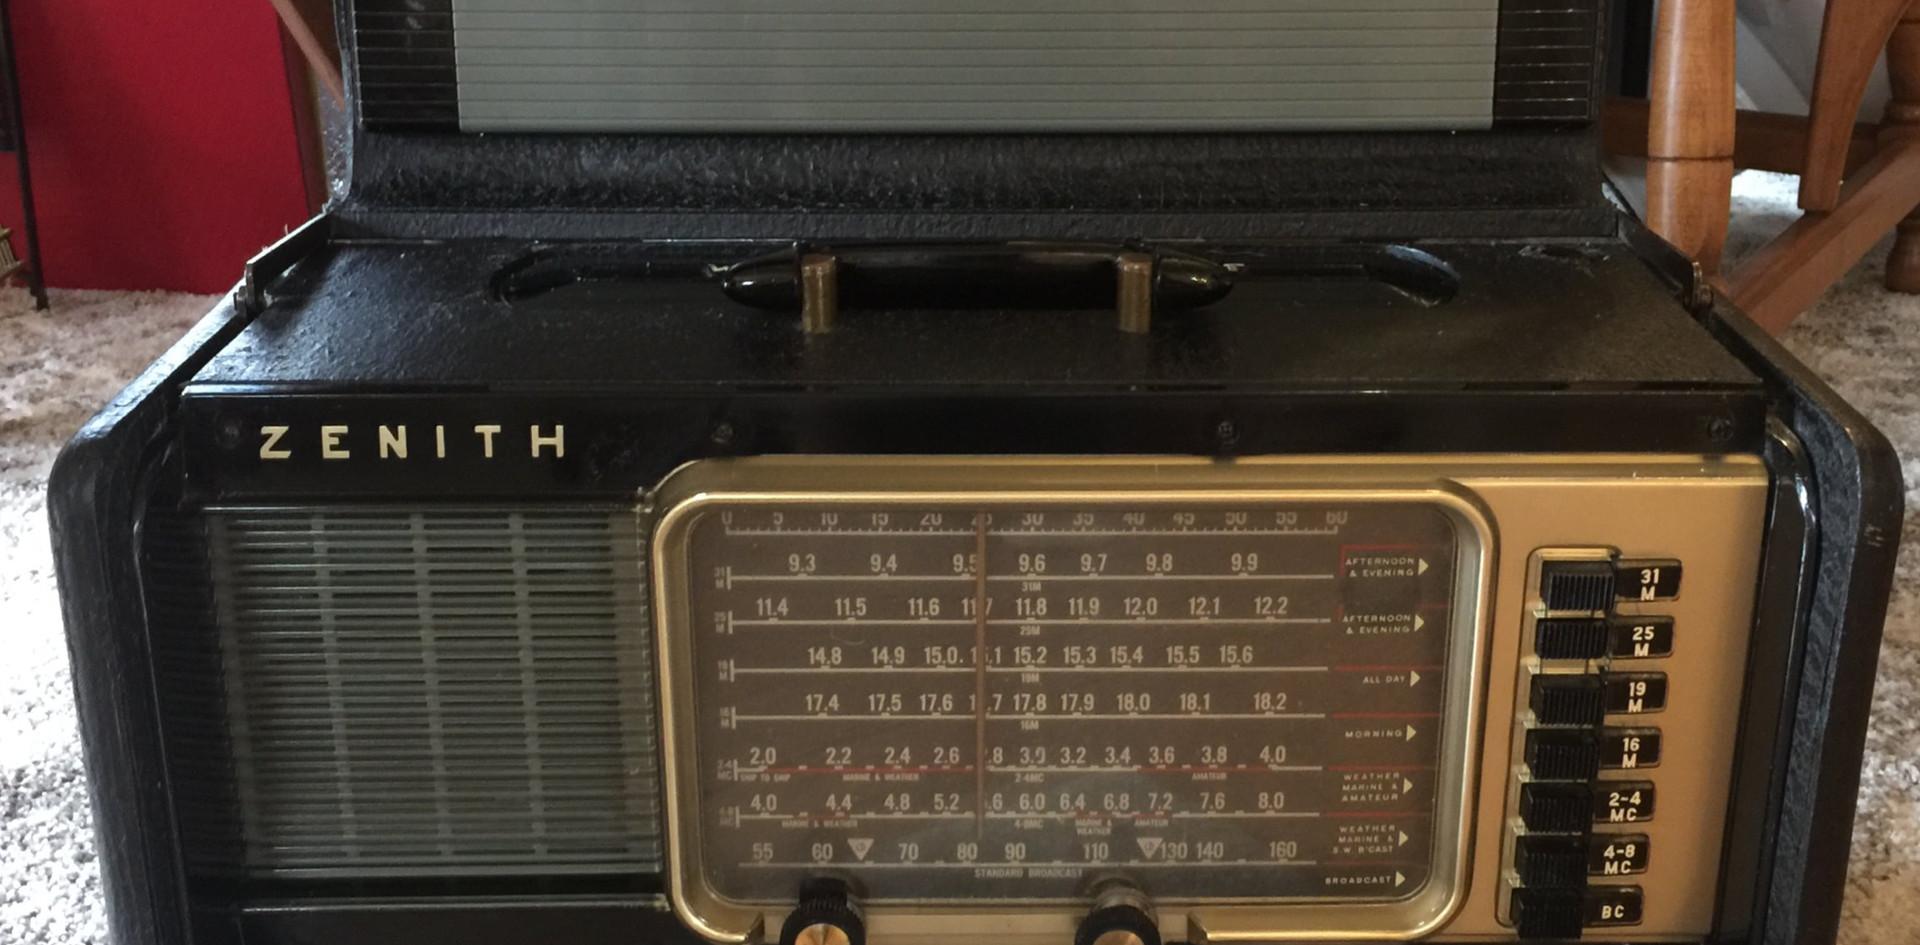 Zenith Short Wave Radio